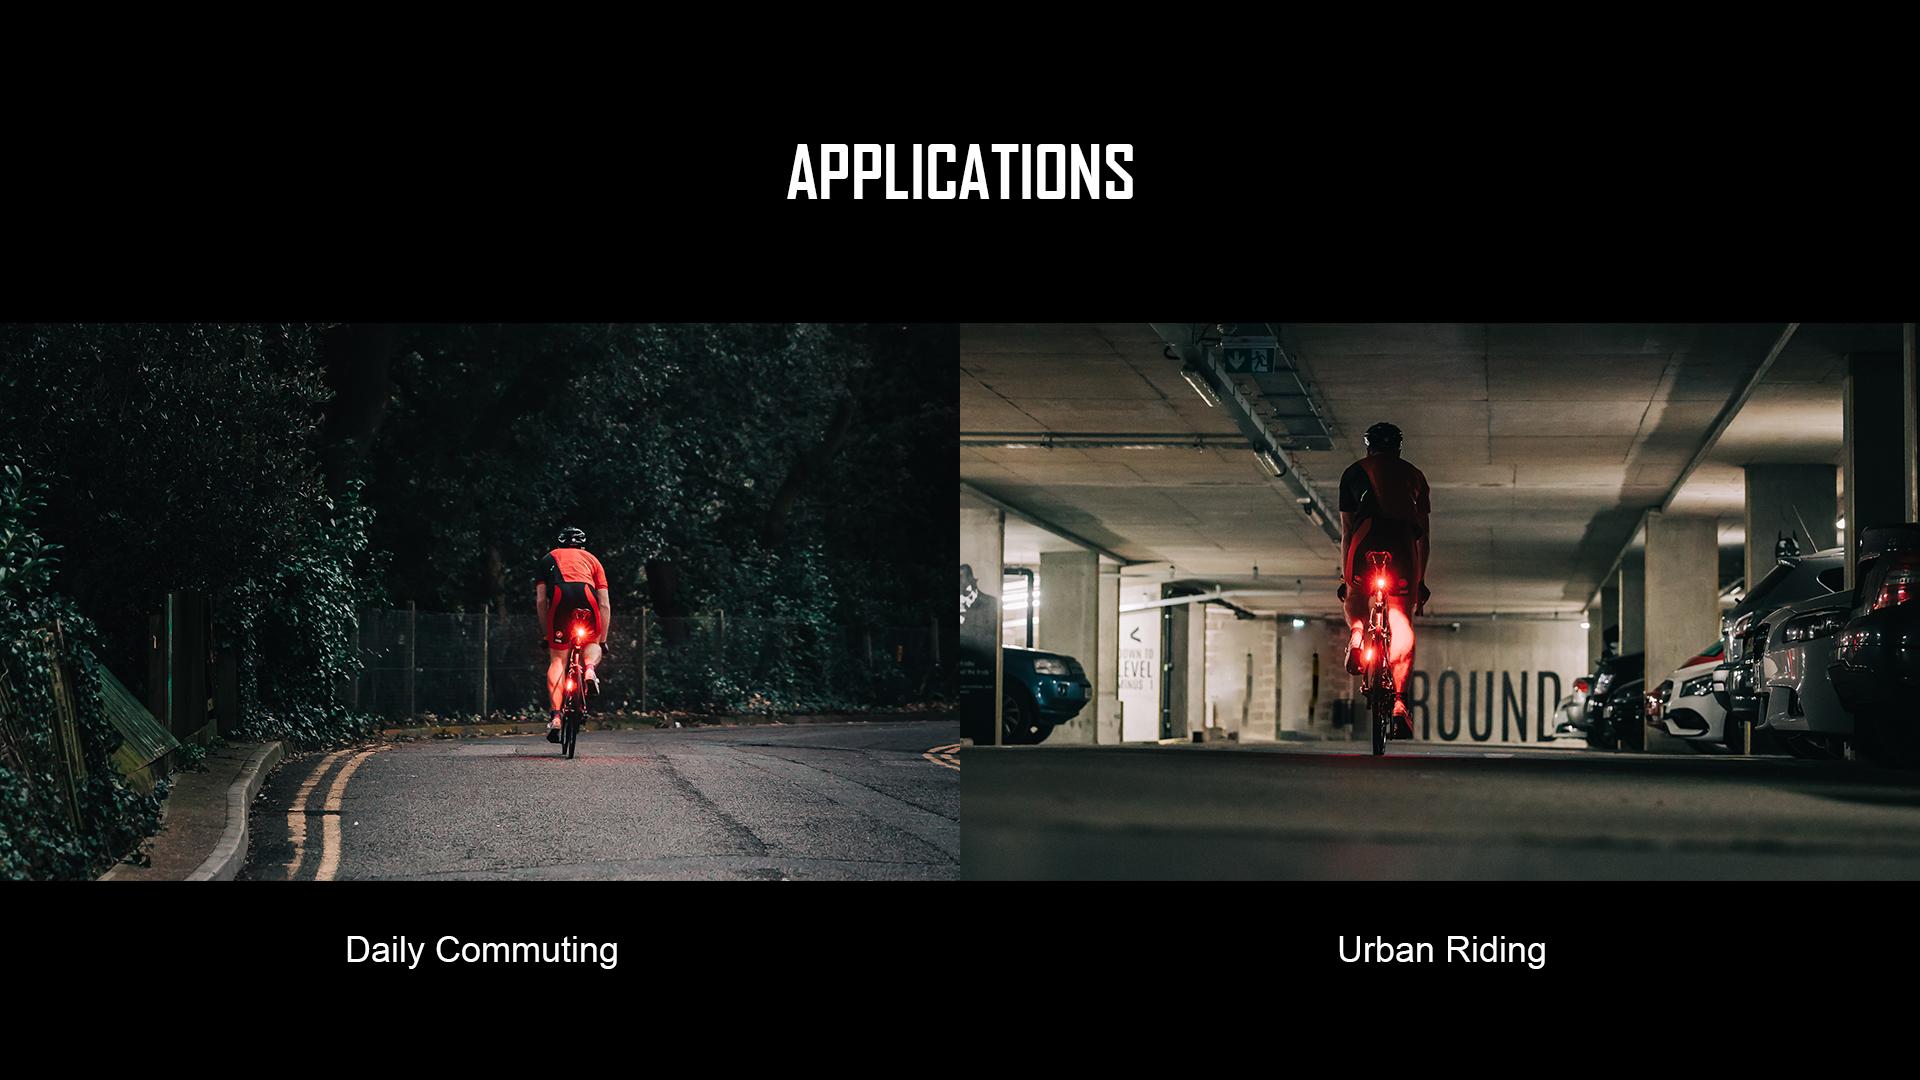 Seemee 30 TL Rear Bike Light Application